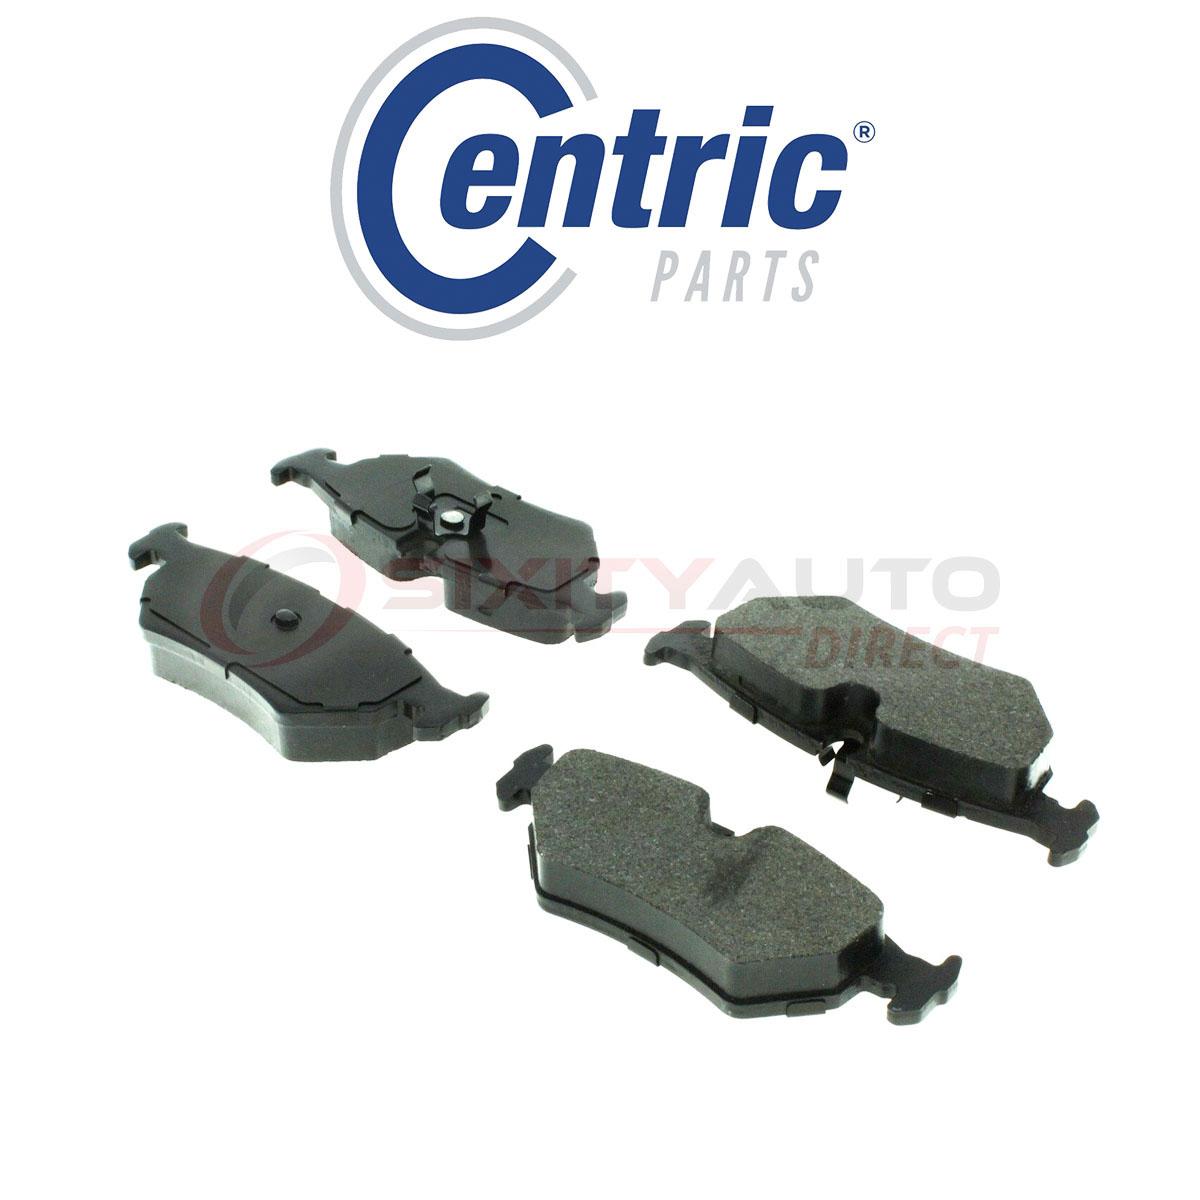 Centric C-TEK Metallic Disc Brake Pads For 1997-2004 Aston